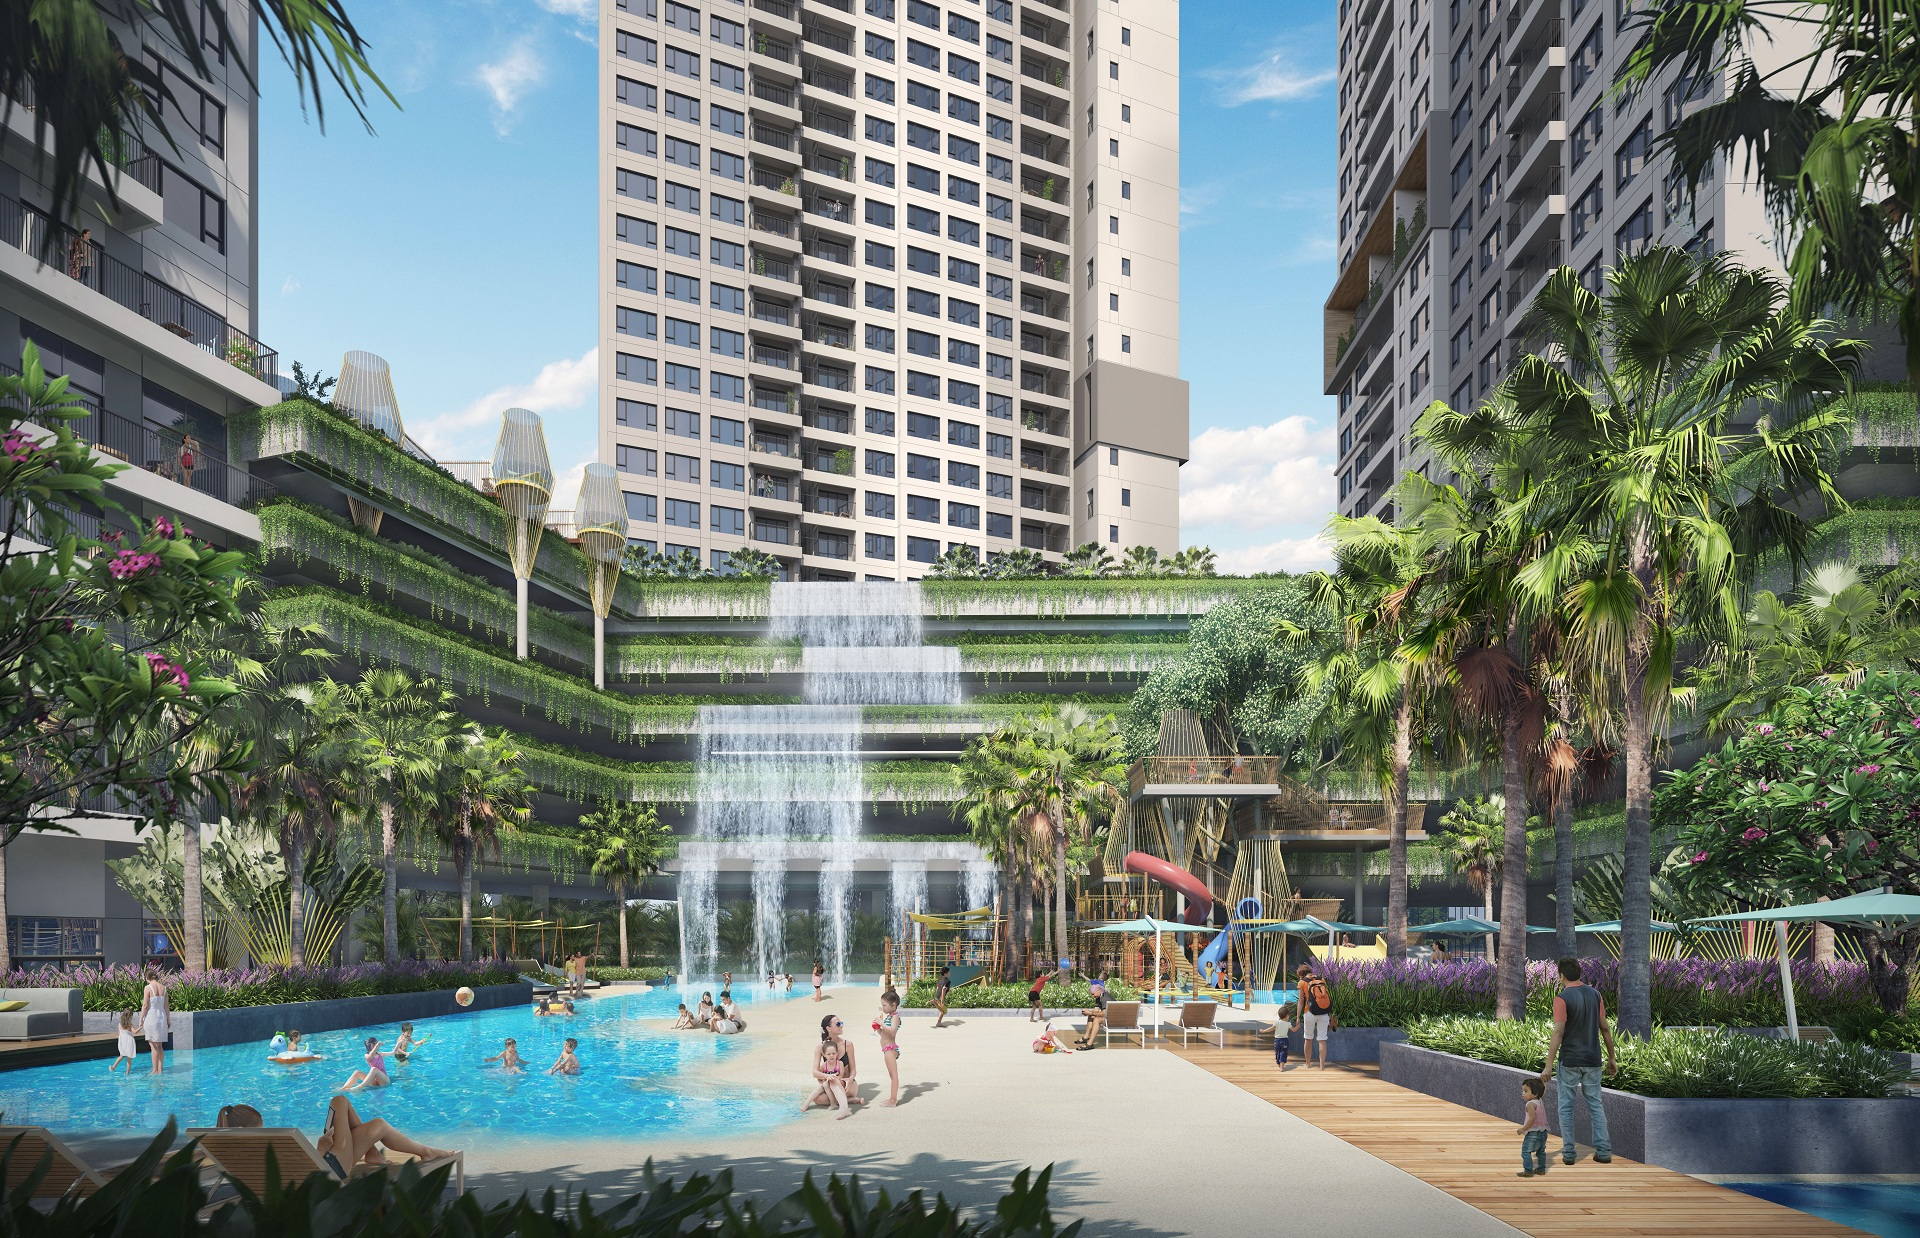 The View - Riviera Point Keppel Land quận 7 - Thiên đường sống chuẩn Singapore giữa lòng khu Nam. 2